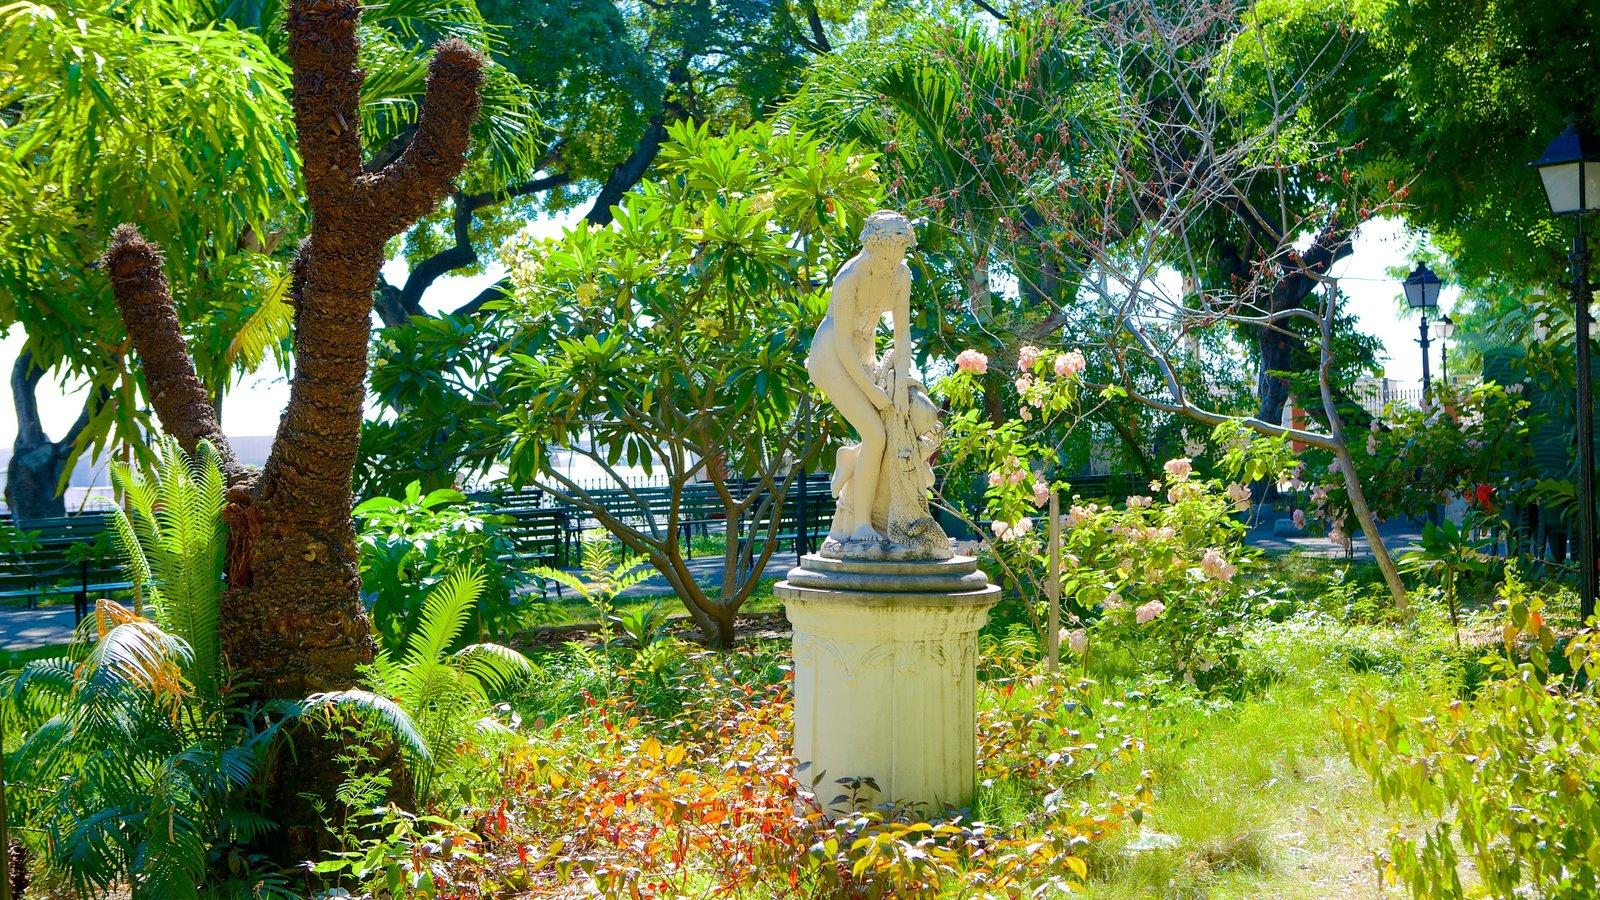 Passeio Público mostrando um parque e uma estátua ou escultura